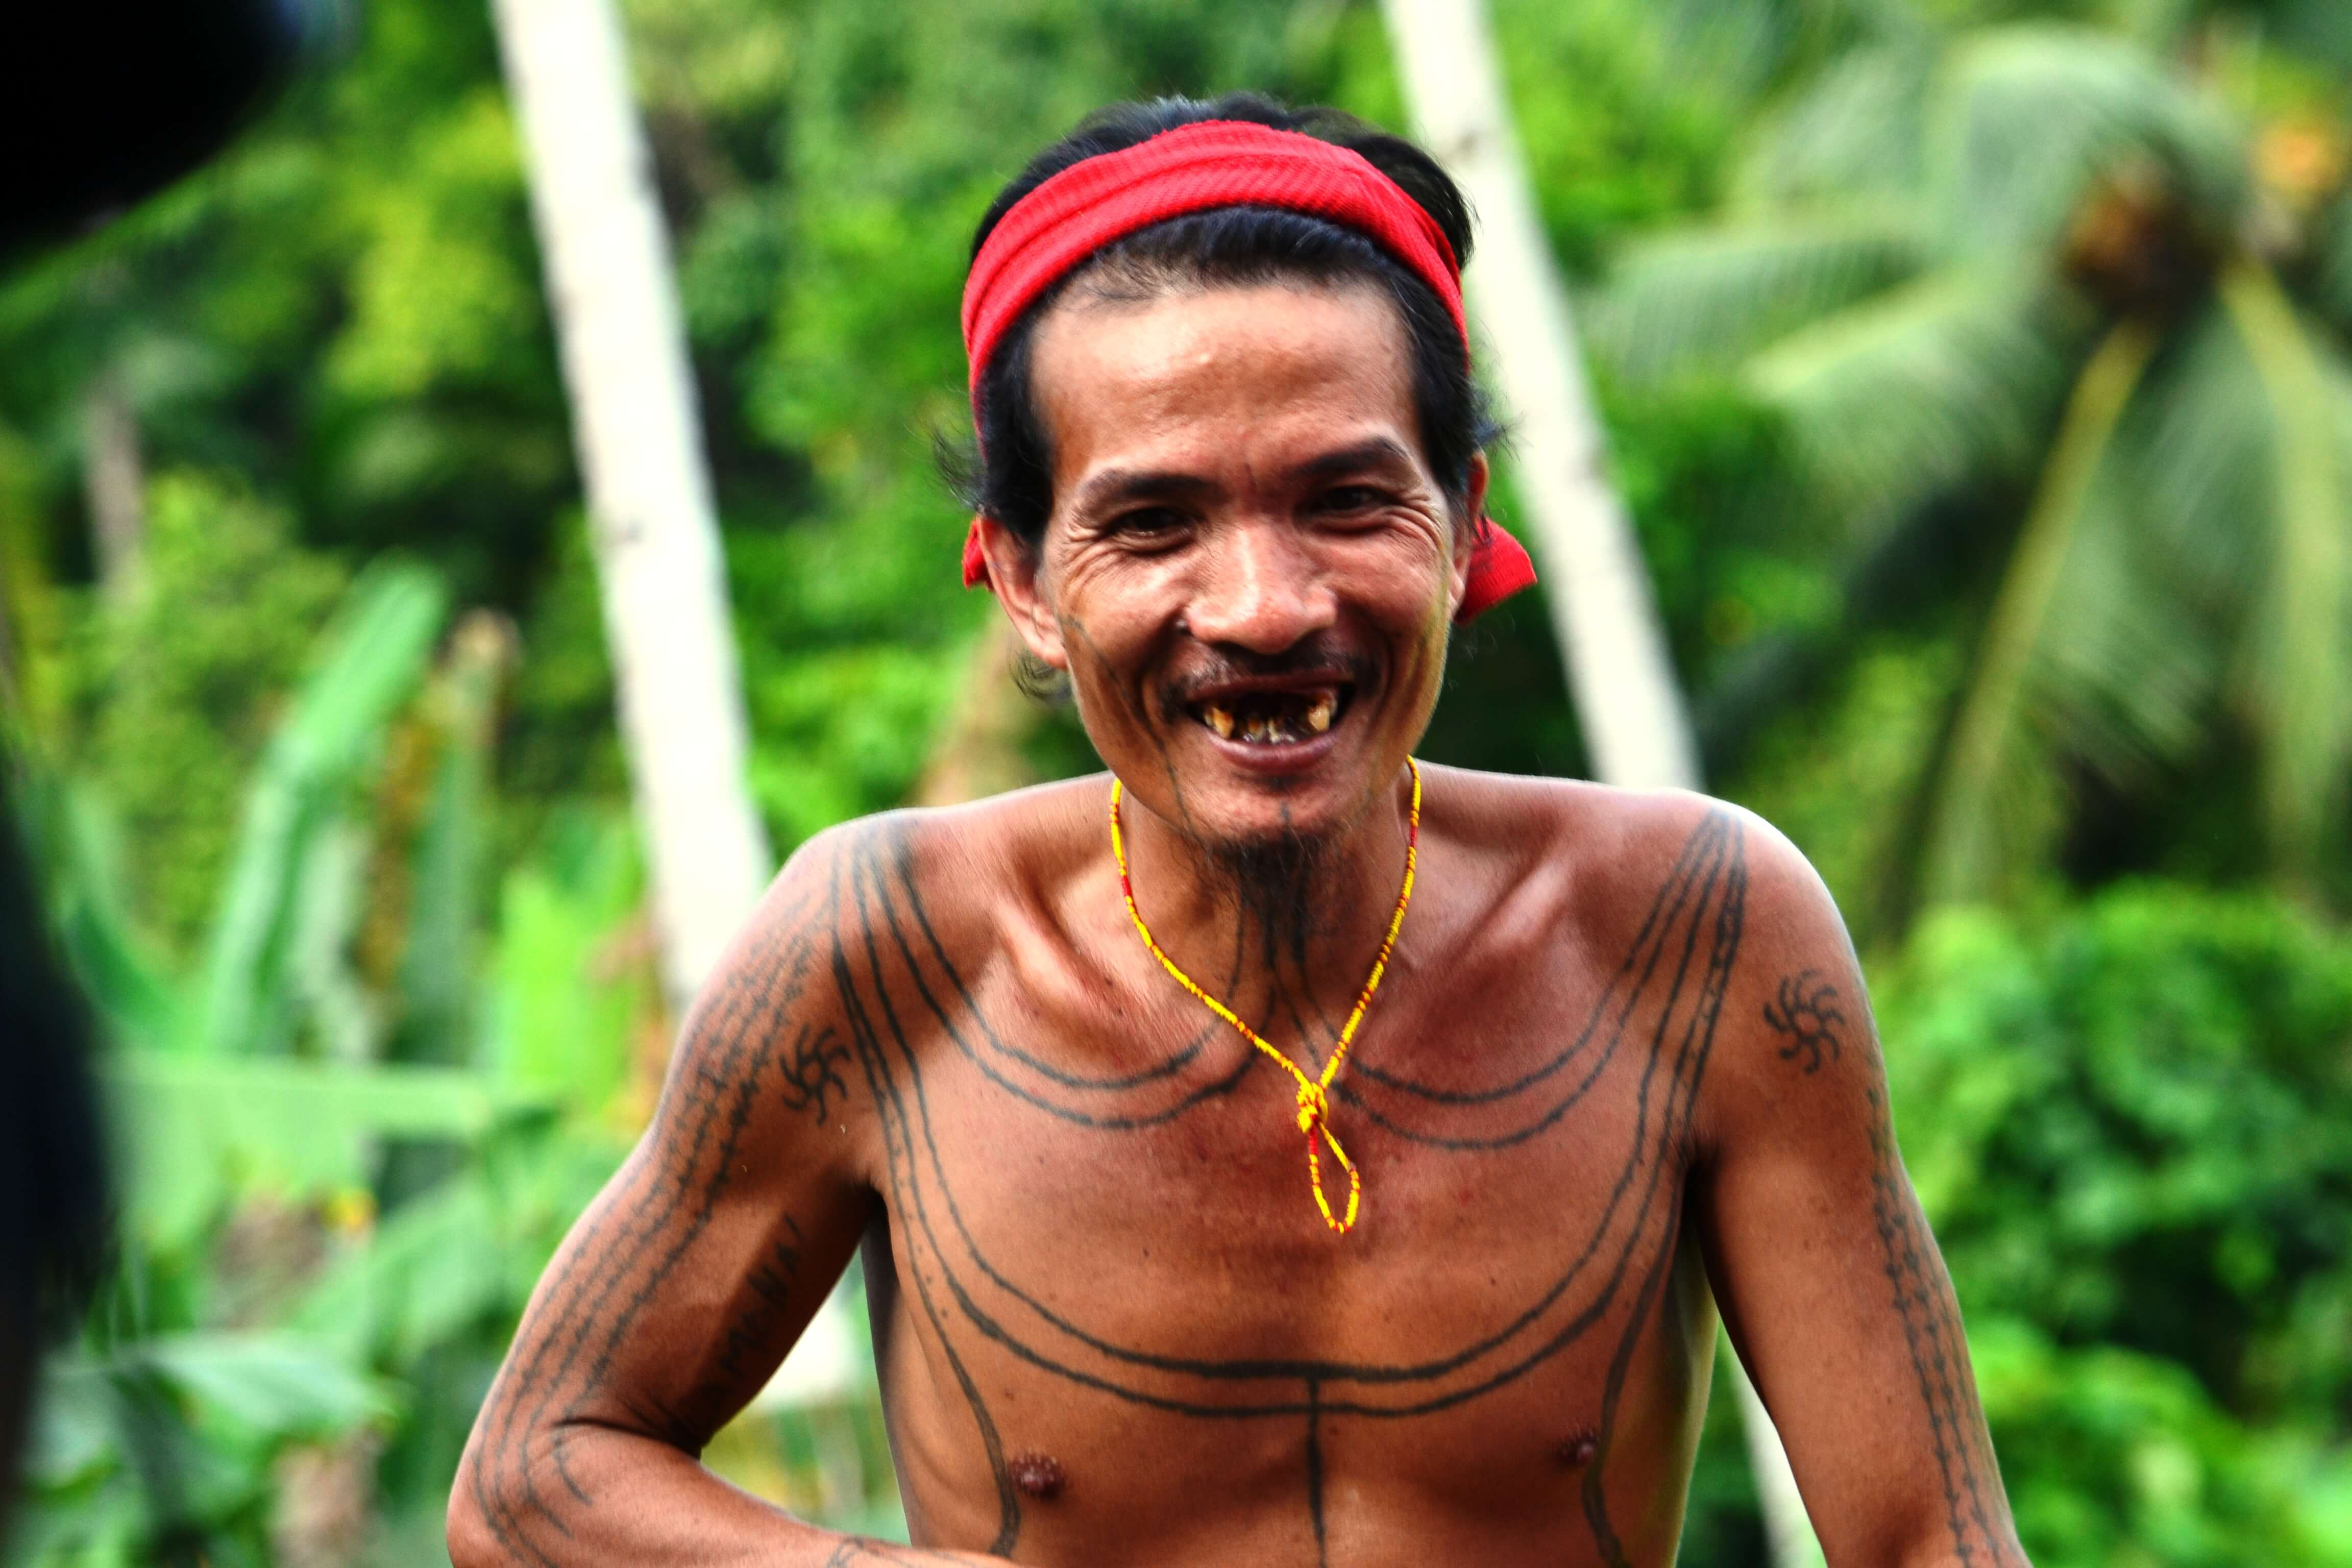 Mentawaï portrait